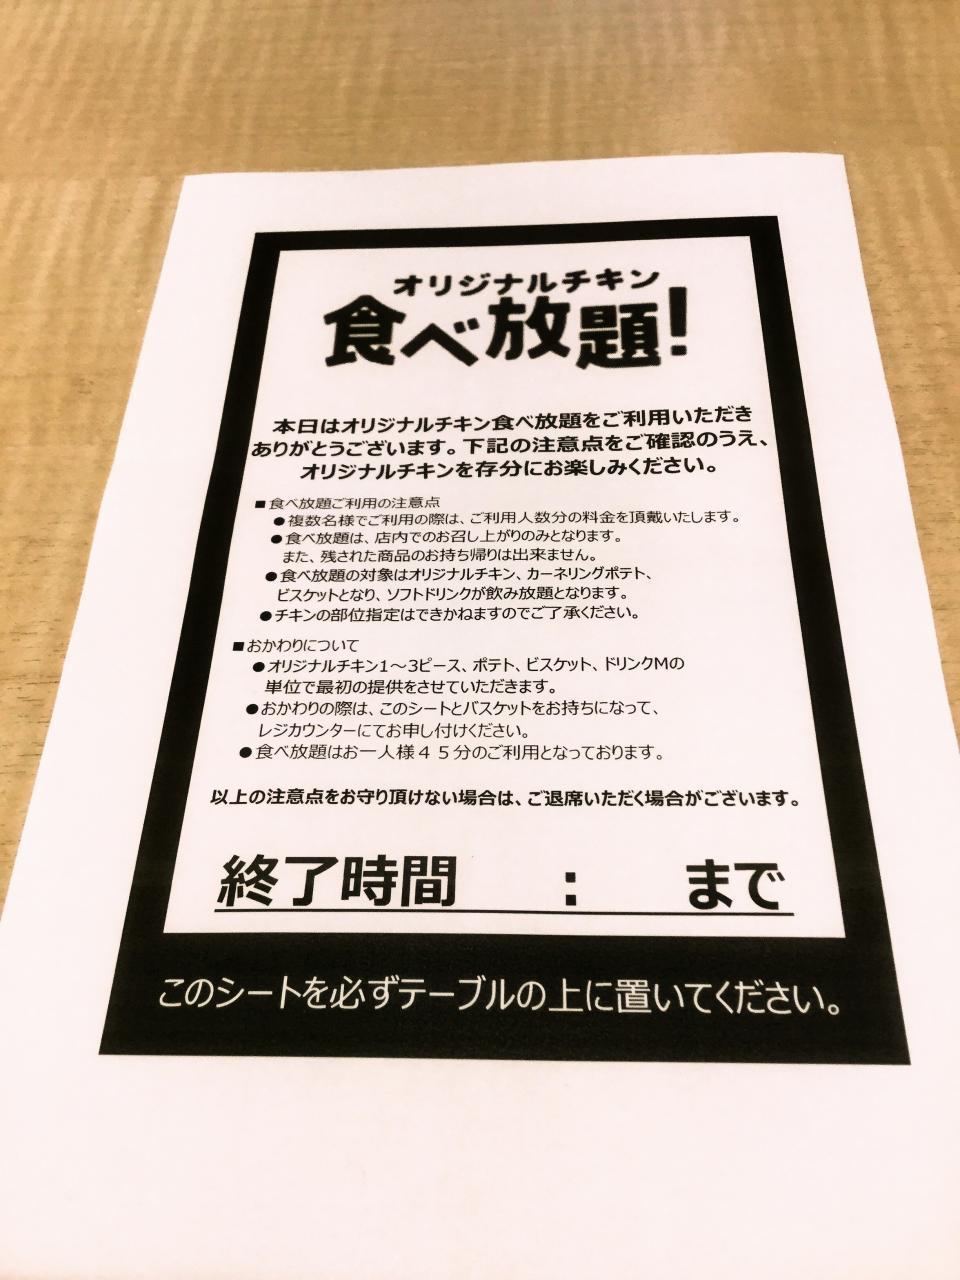 ケンタッキーフライドチキン宮崎台店(ルール)